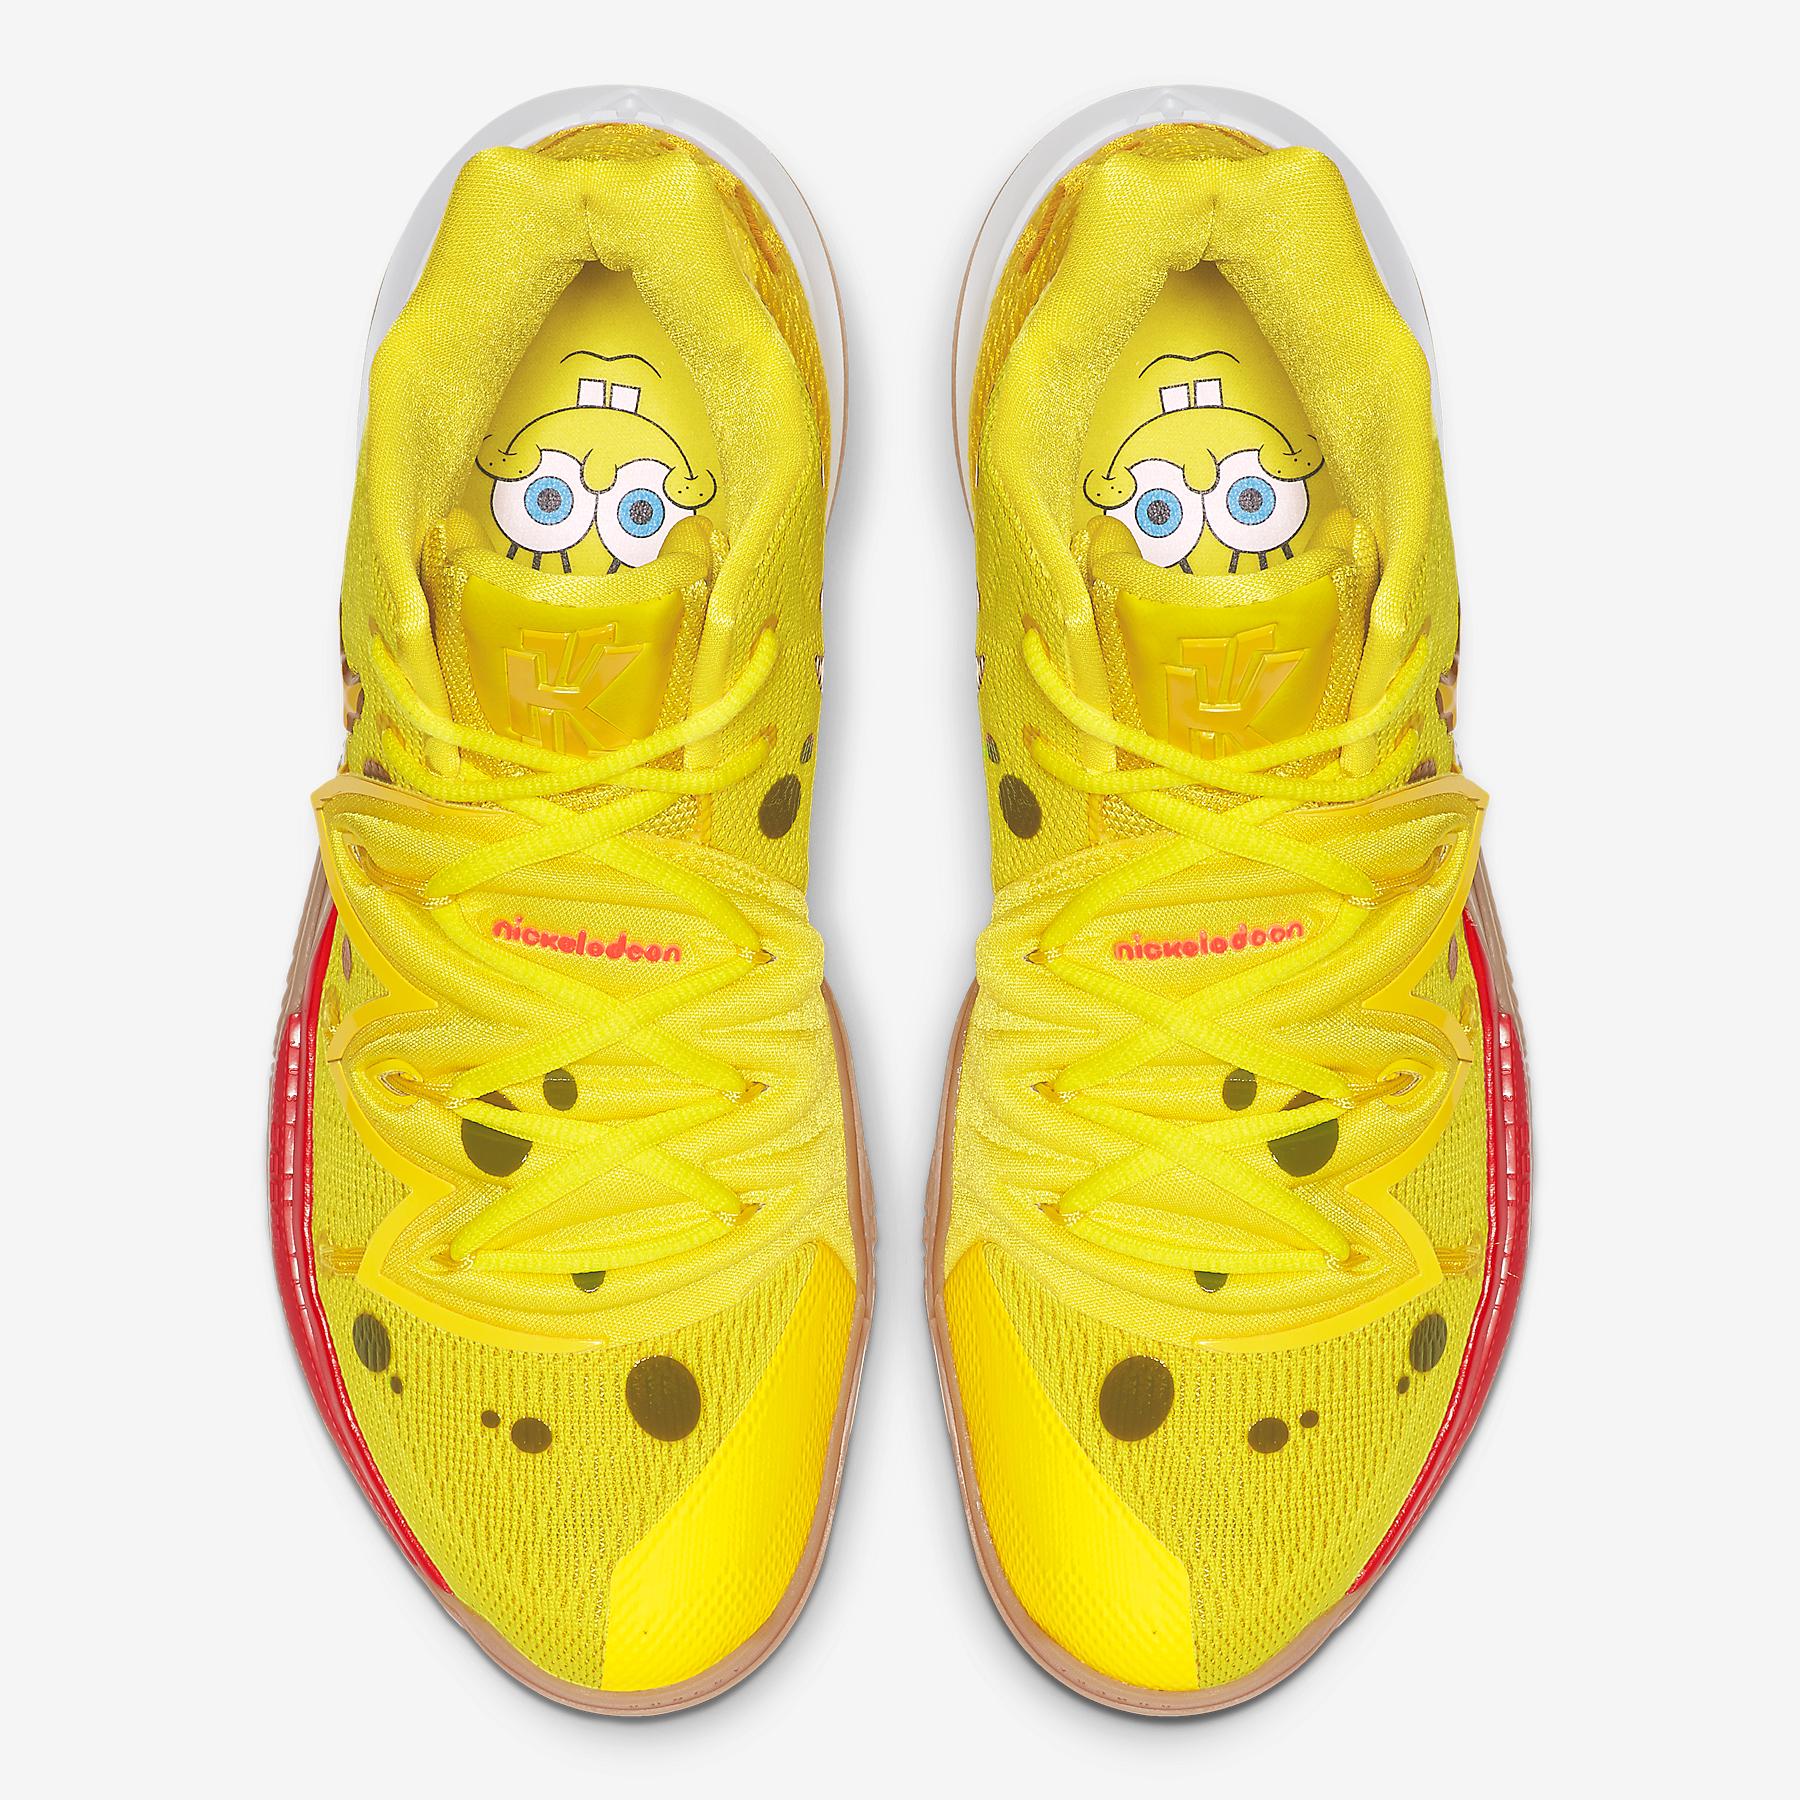 Nike Kyrie 5 Spongebob Patrick CJ6951